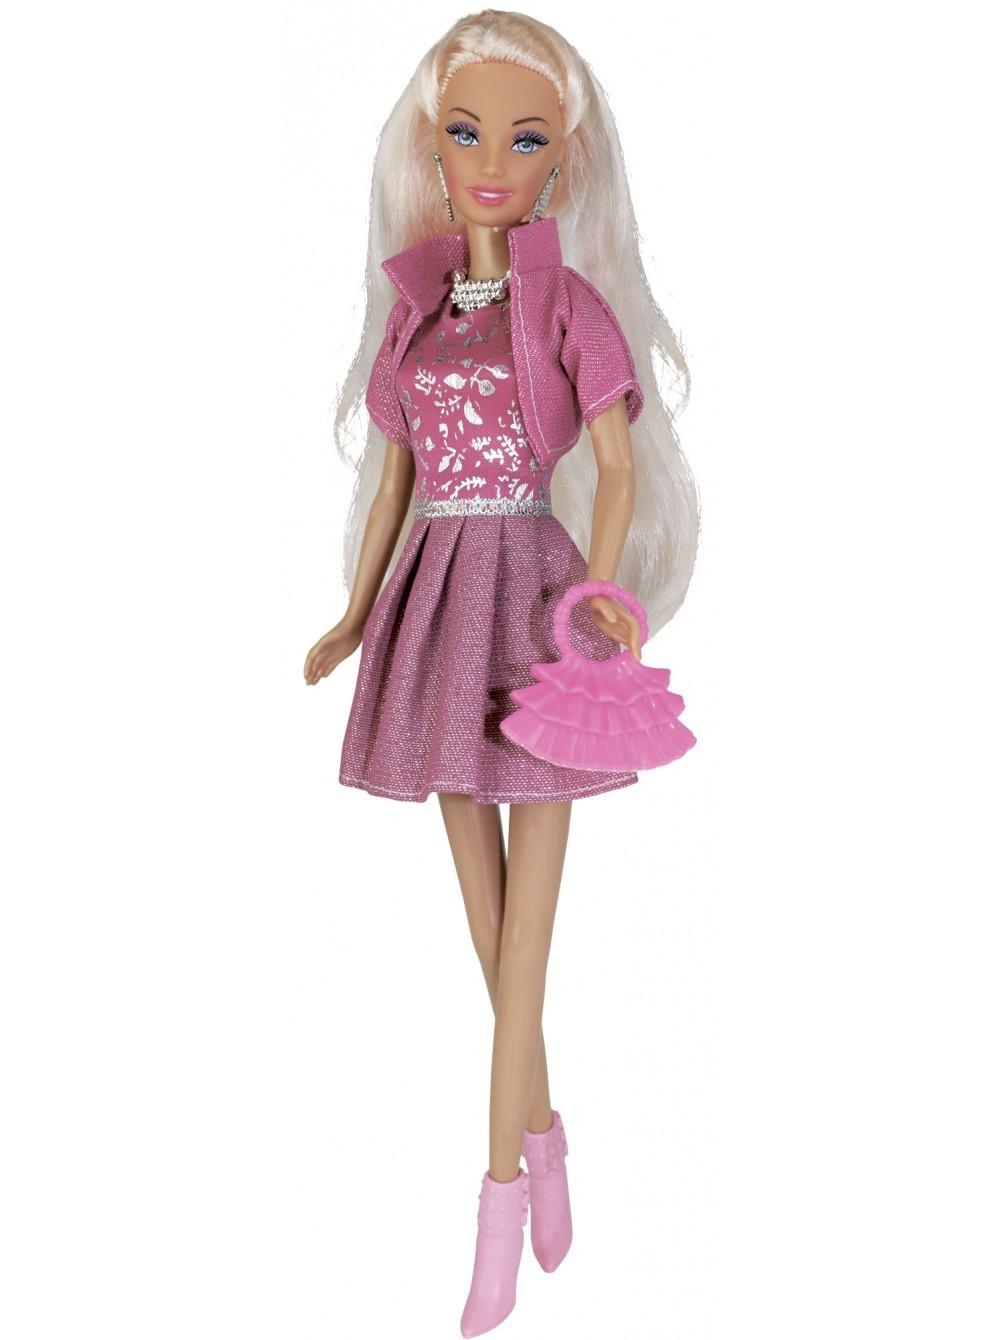 Кукла ToysLab Ася. Сверкай как бриллиант набор кукла ася джинсовая коллекция 28 см дизайн 1 toyslab ася